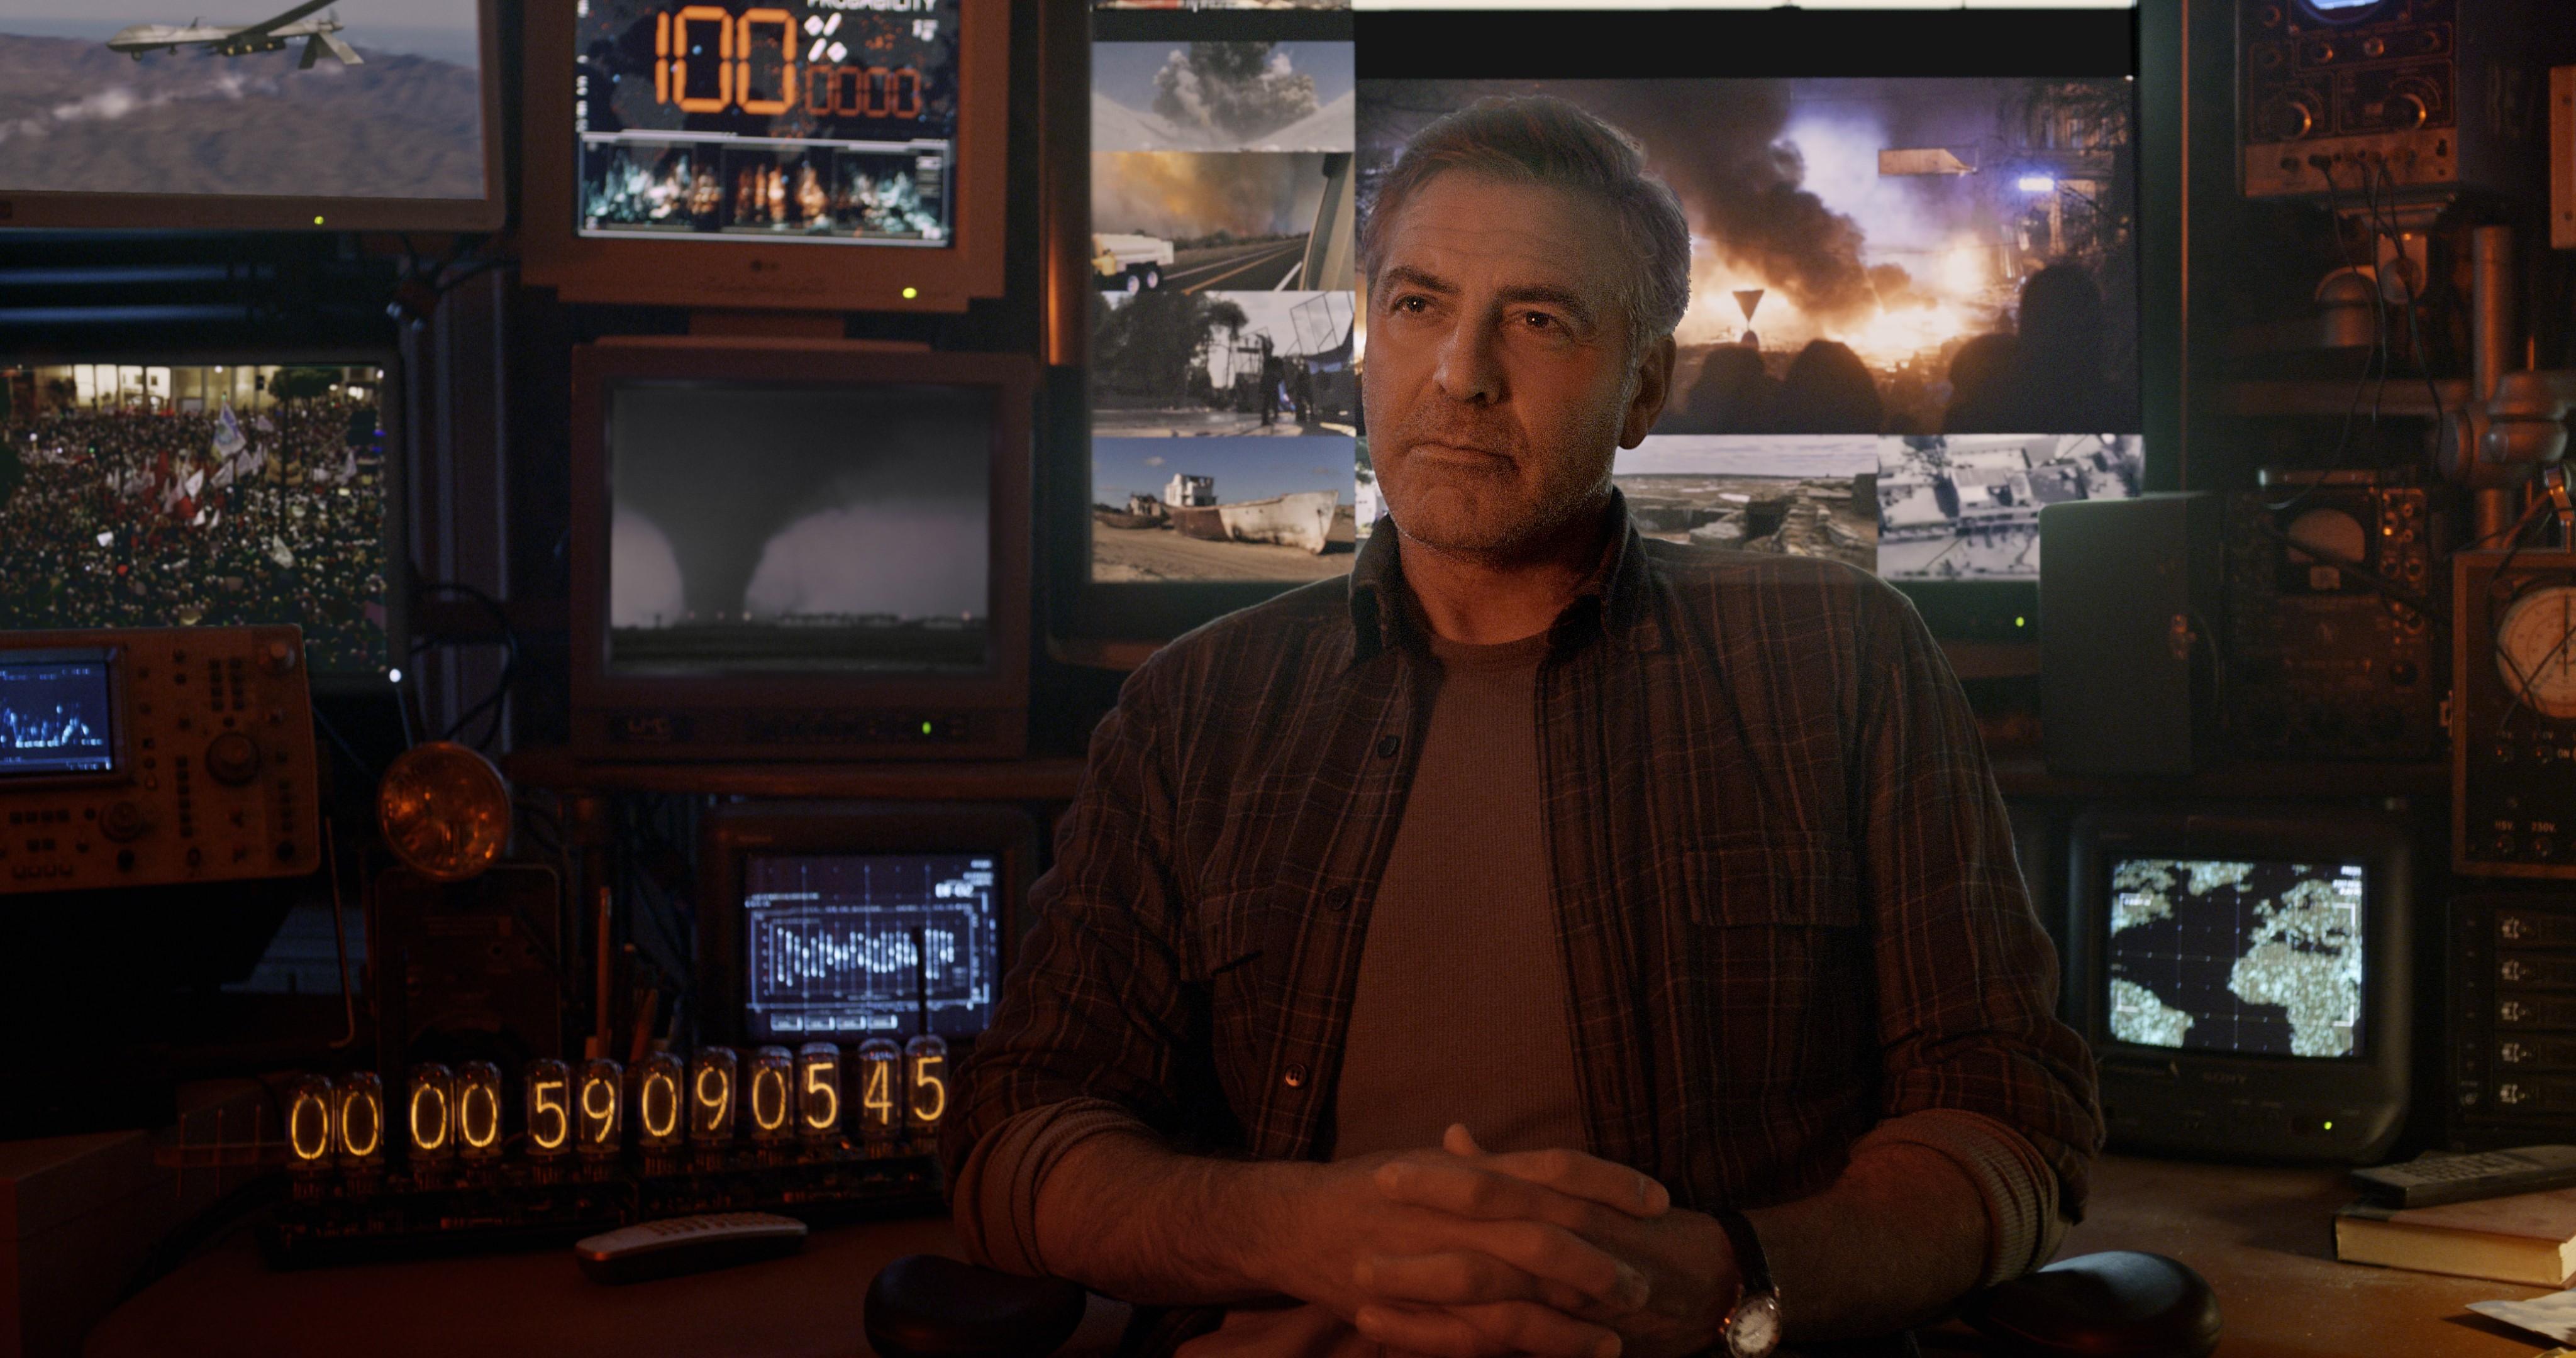 кадры из фильма Земля будущего Джордж Клуни,